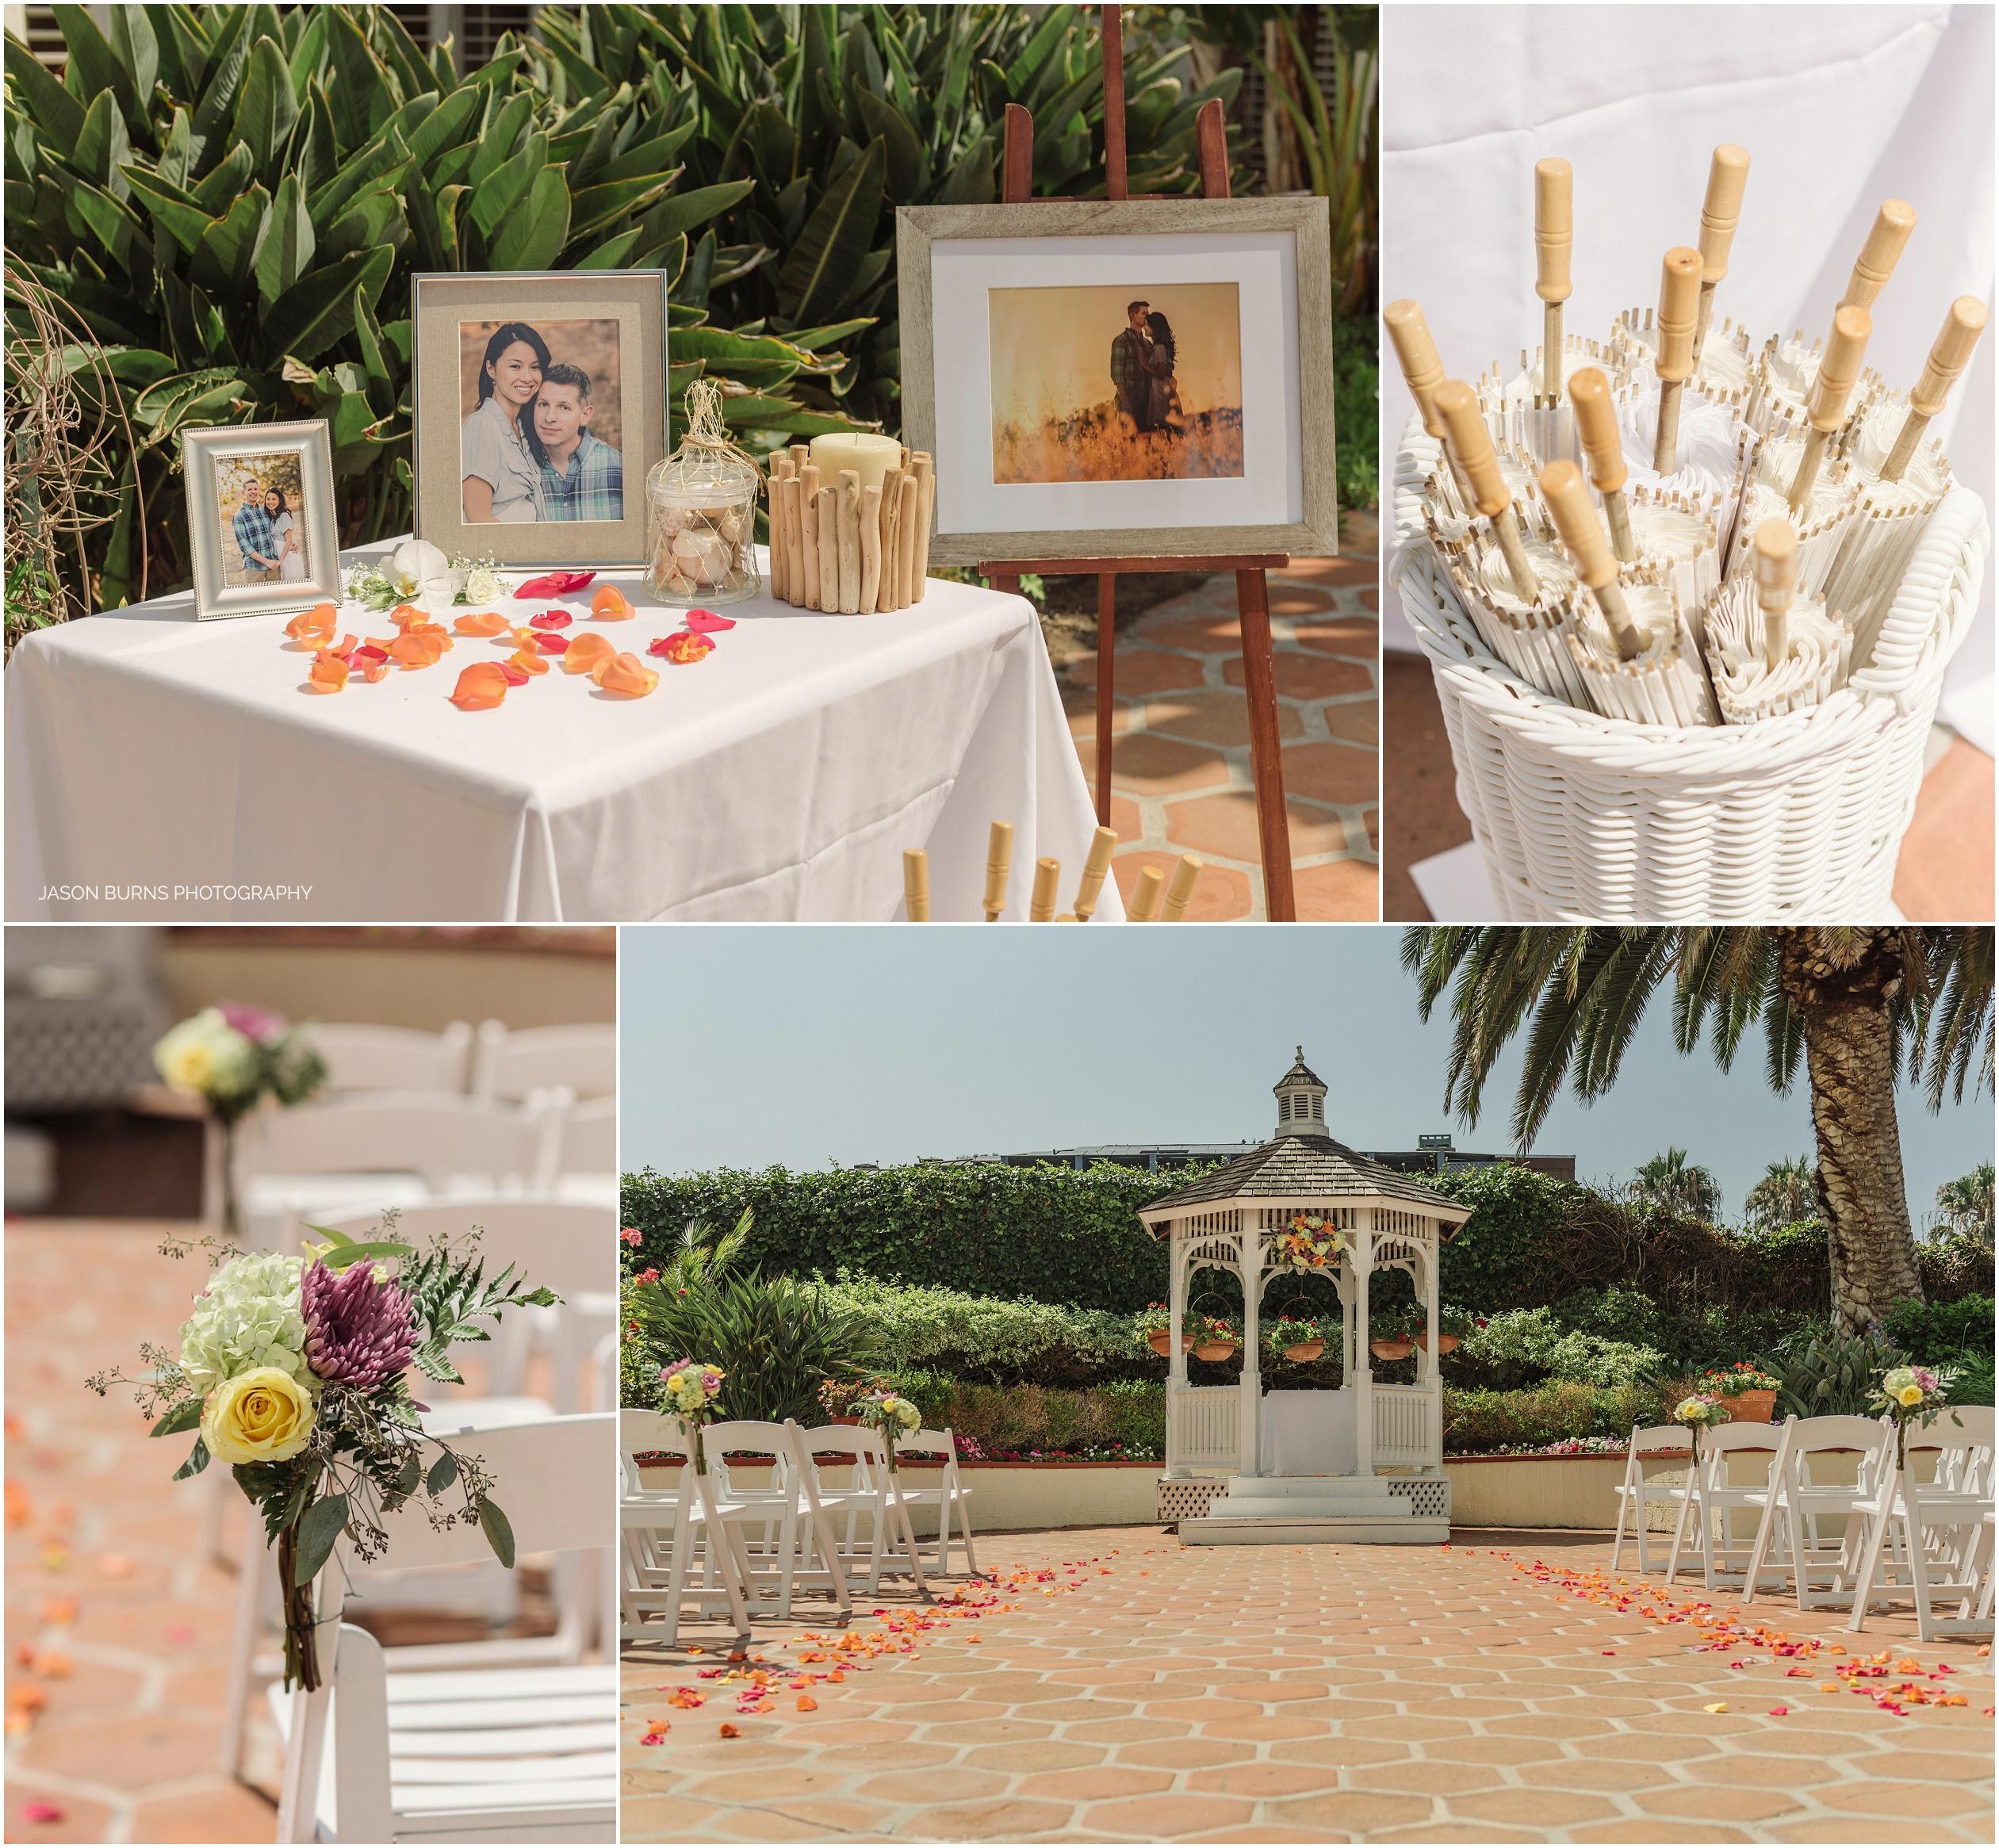 Hotel-laguna-wedding-laguna-beach11